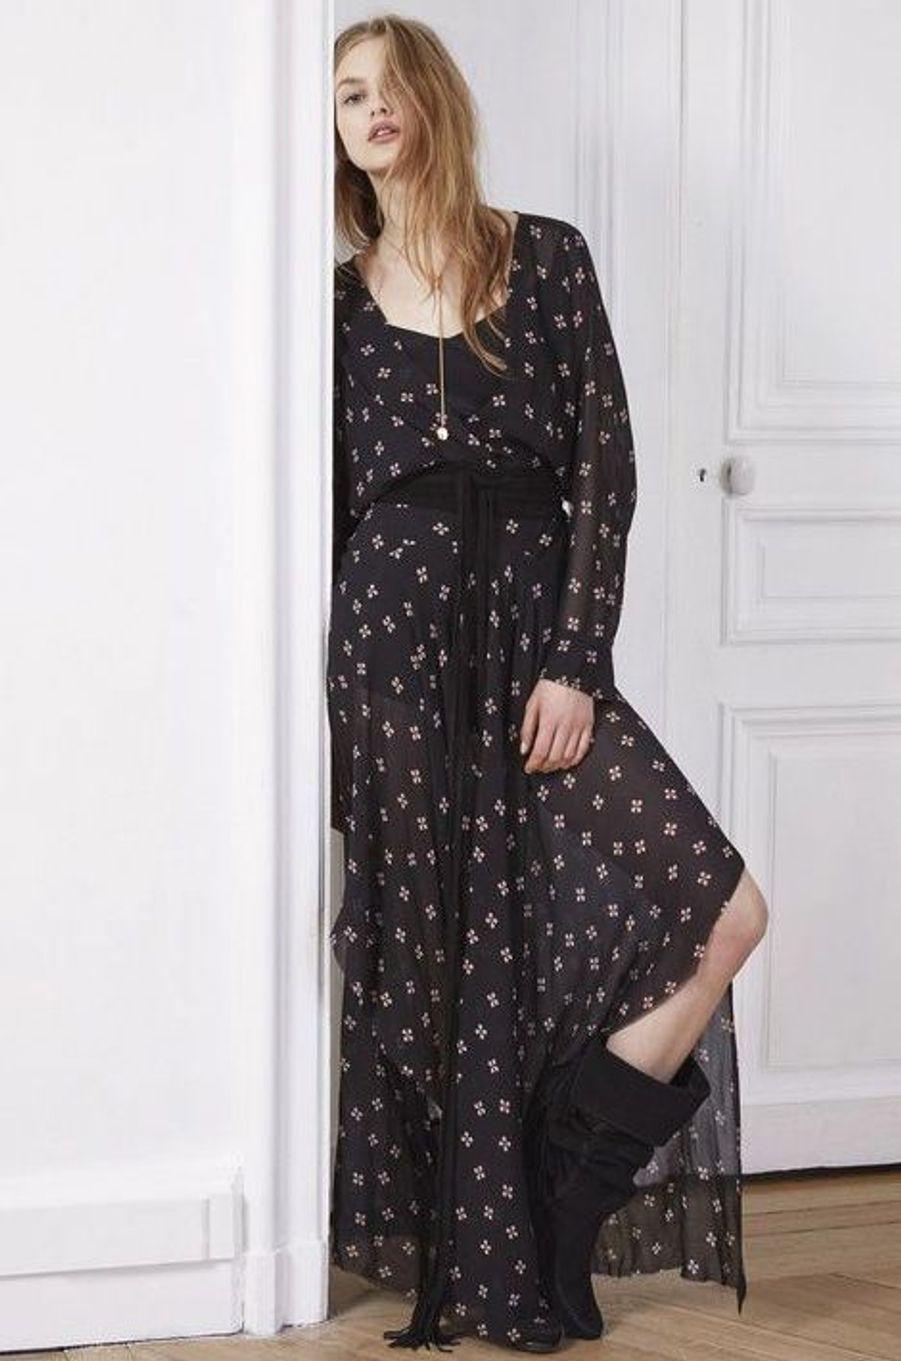 La robe bohème n'est pas réservée uniquement aux températures estivales. La seule différence, c'est qu'en automne, on la porte avec des bottes.